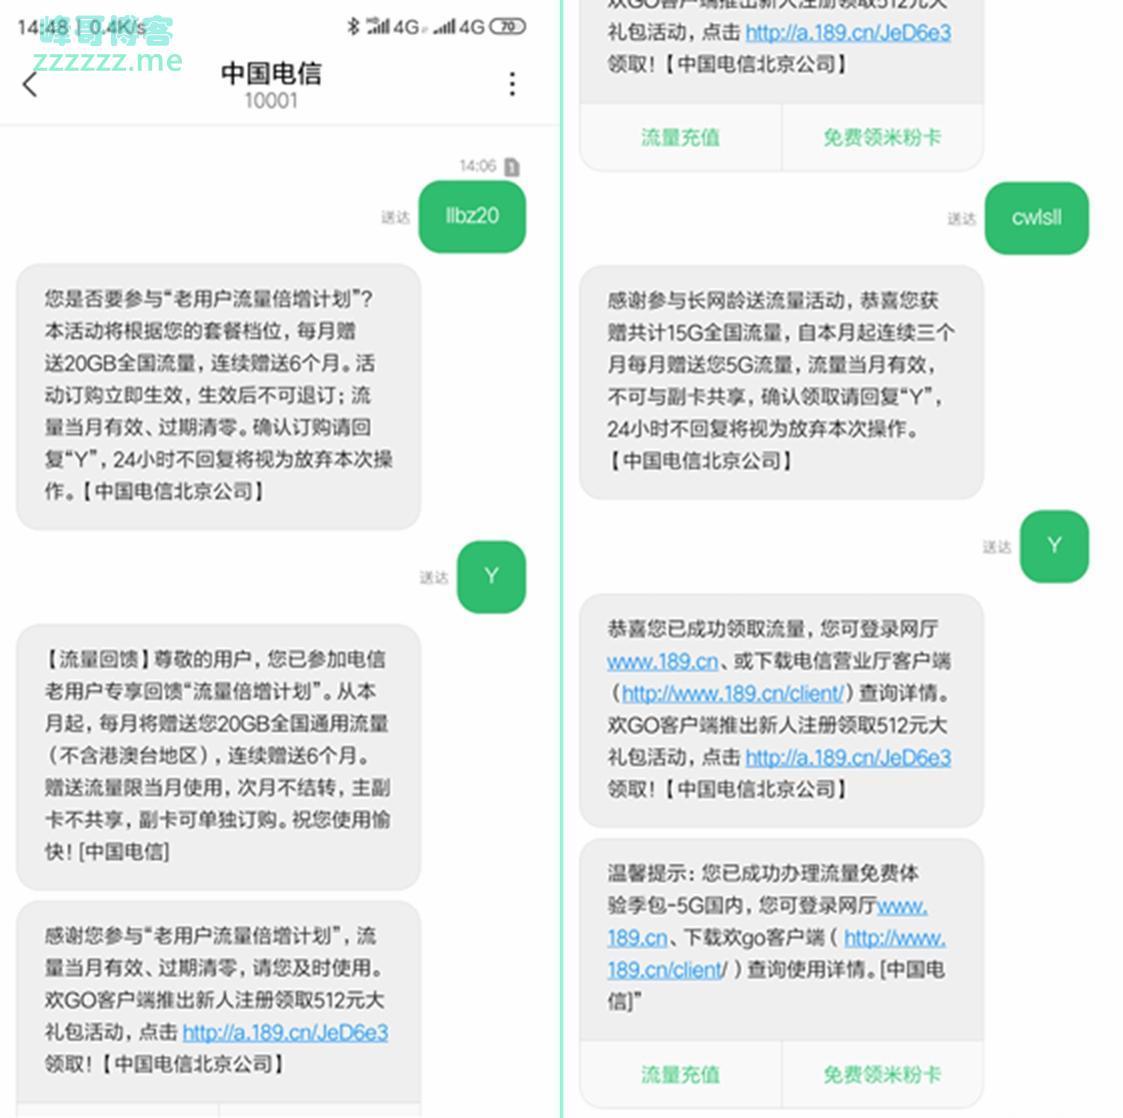 北京电信校园卡发送短信每月免费再多领53GB全国流量 免费连续赠送12个月流量